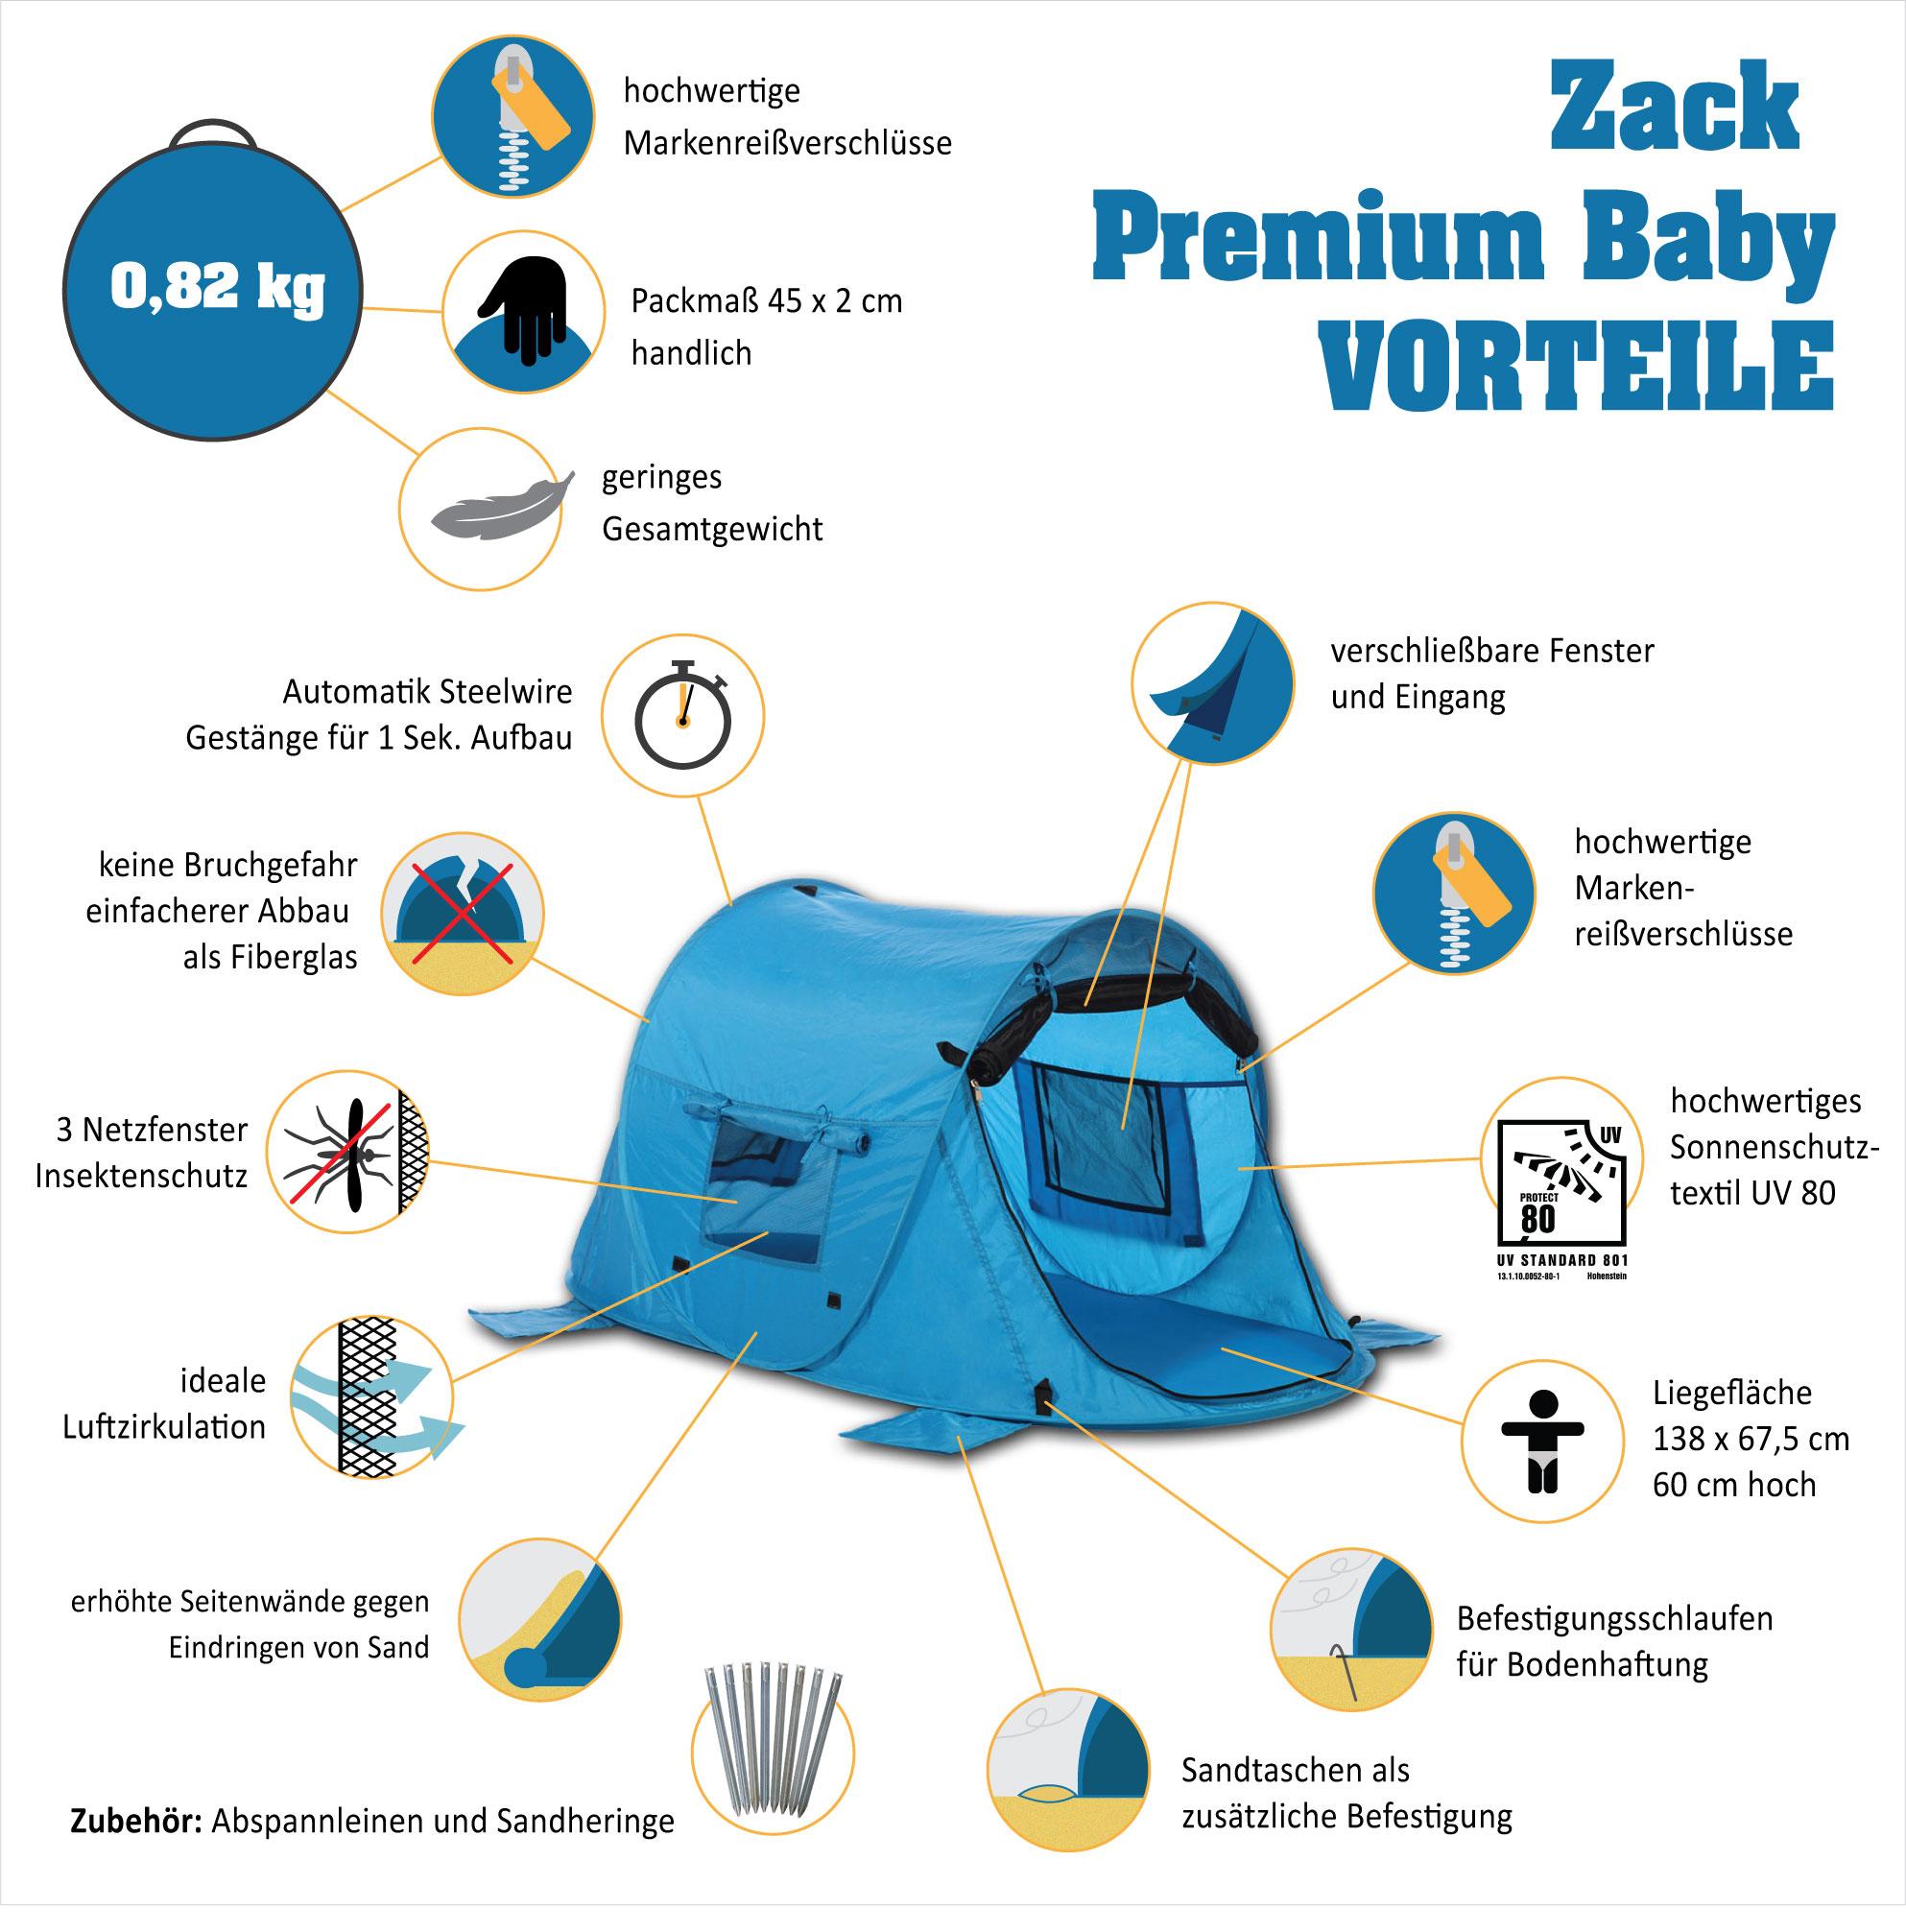 zack-premium-baby-vorteile